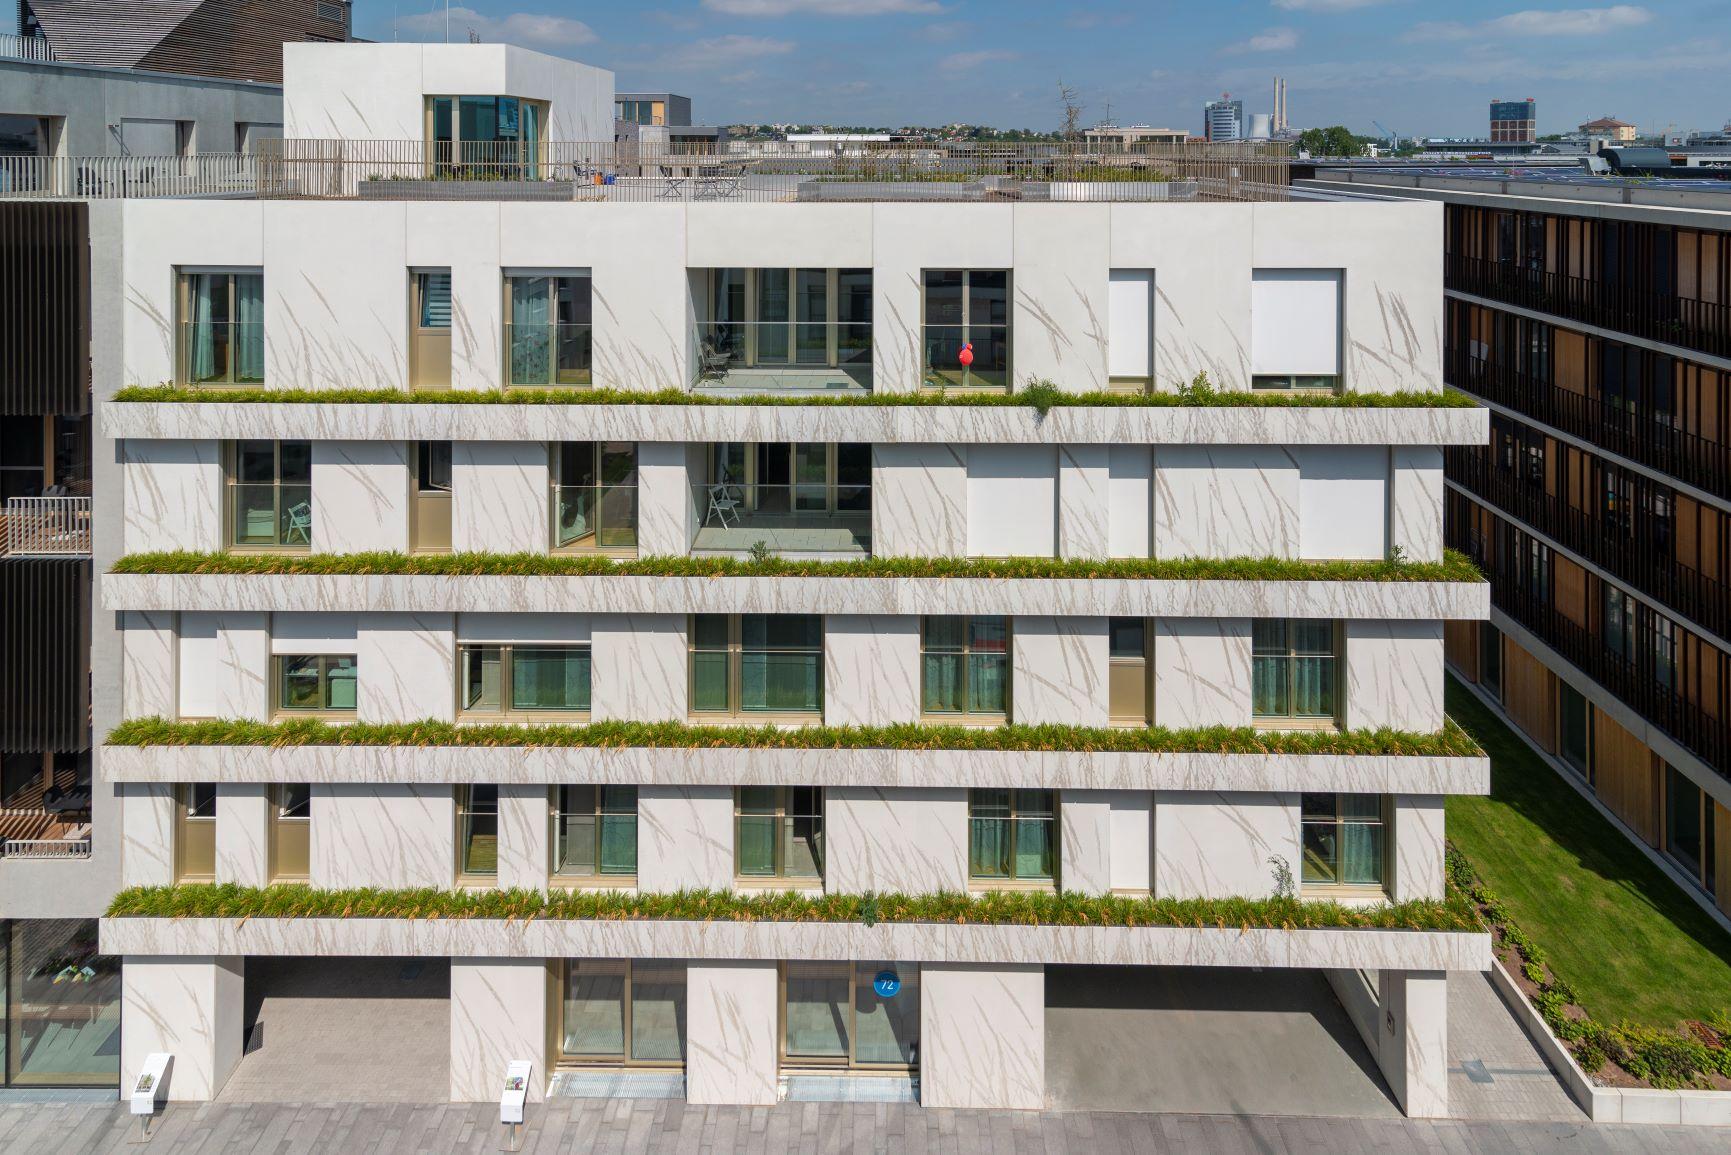 Die innovative Fassade ist schon von Weitem ein Hingucker. Foto: artismedia gmbH